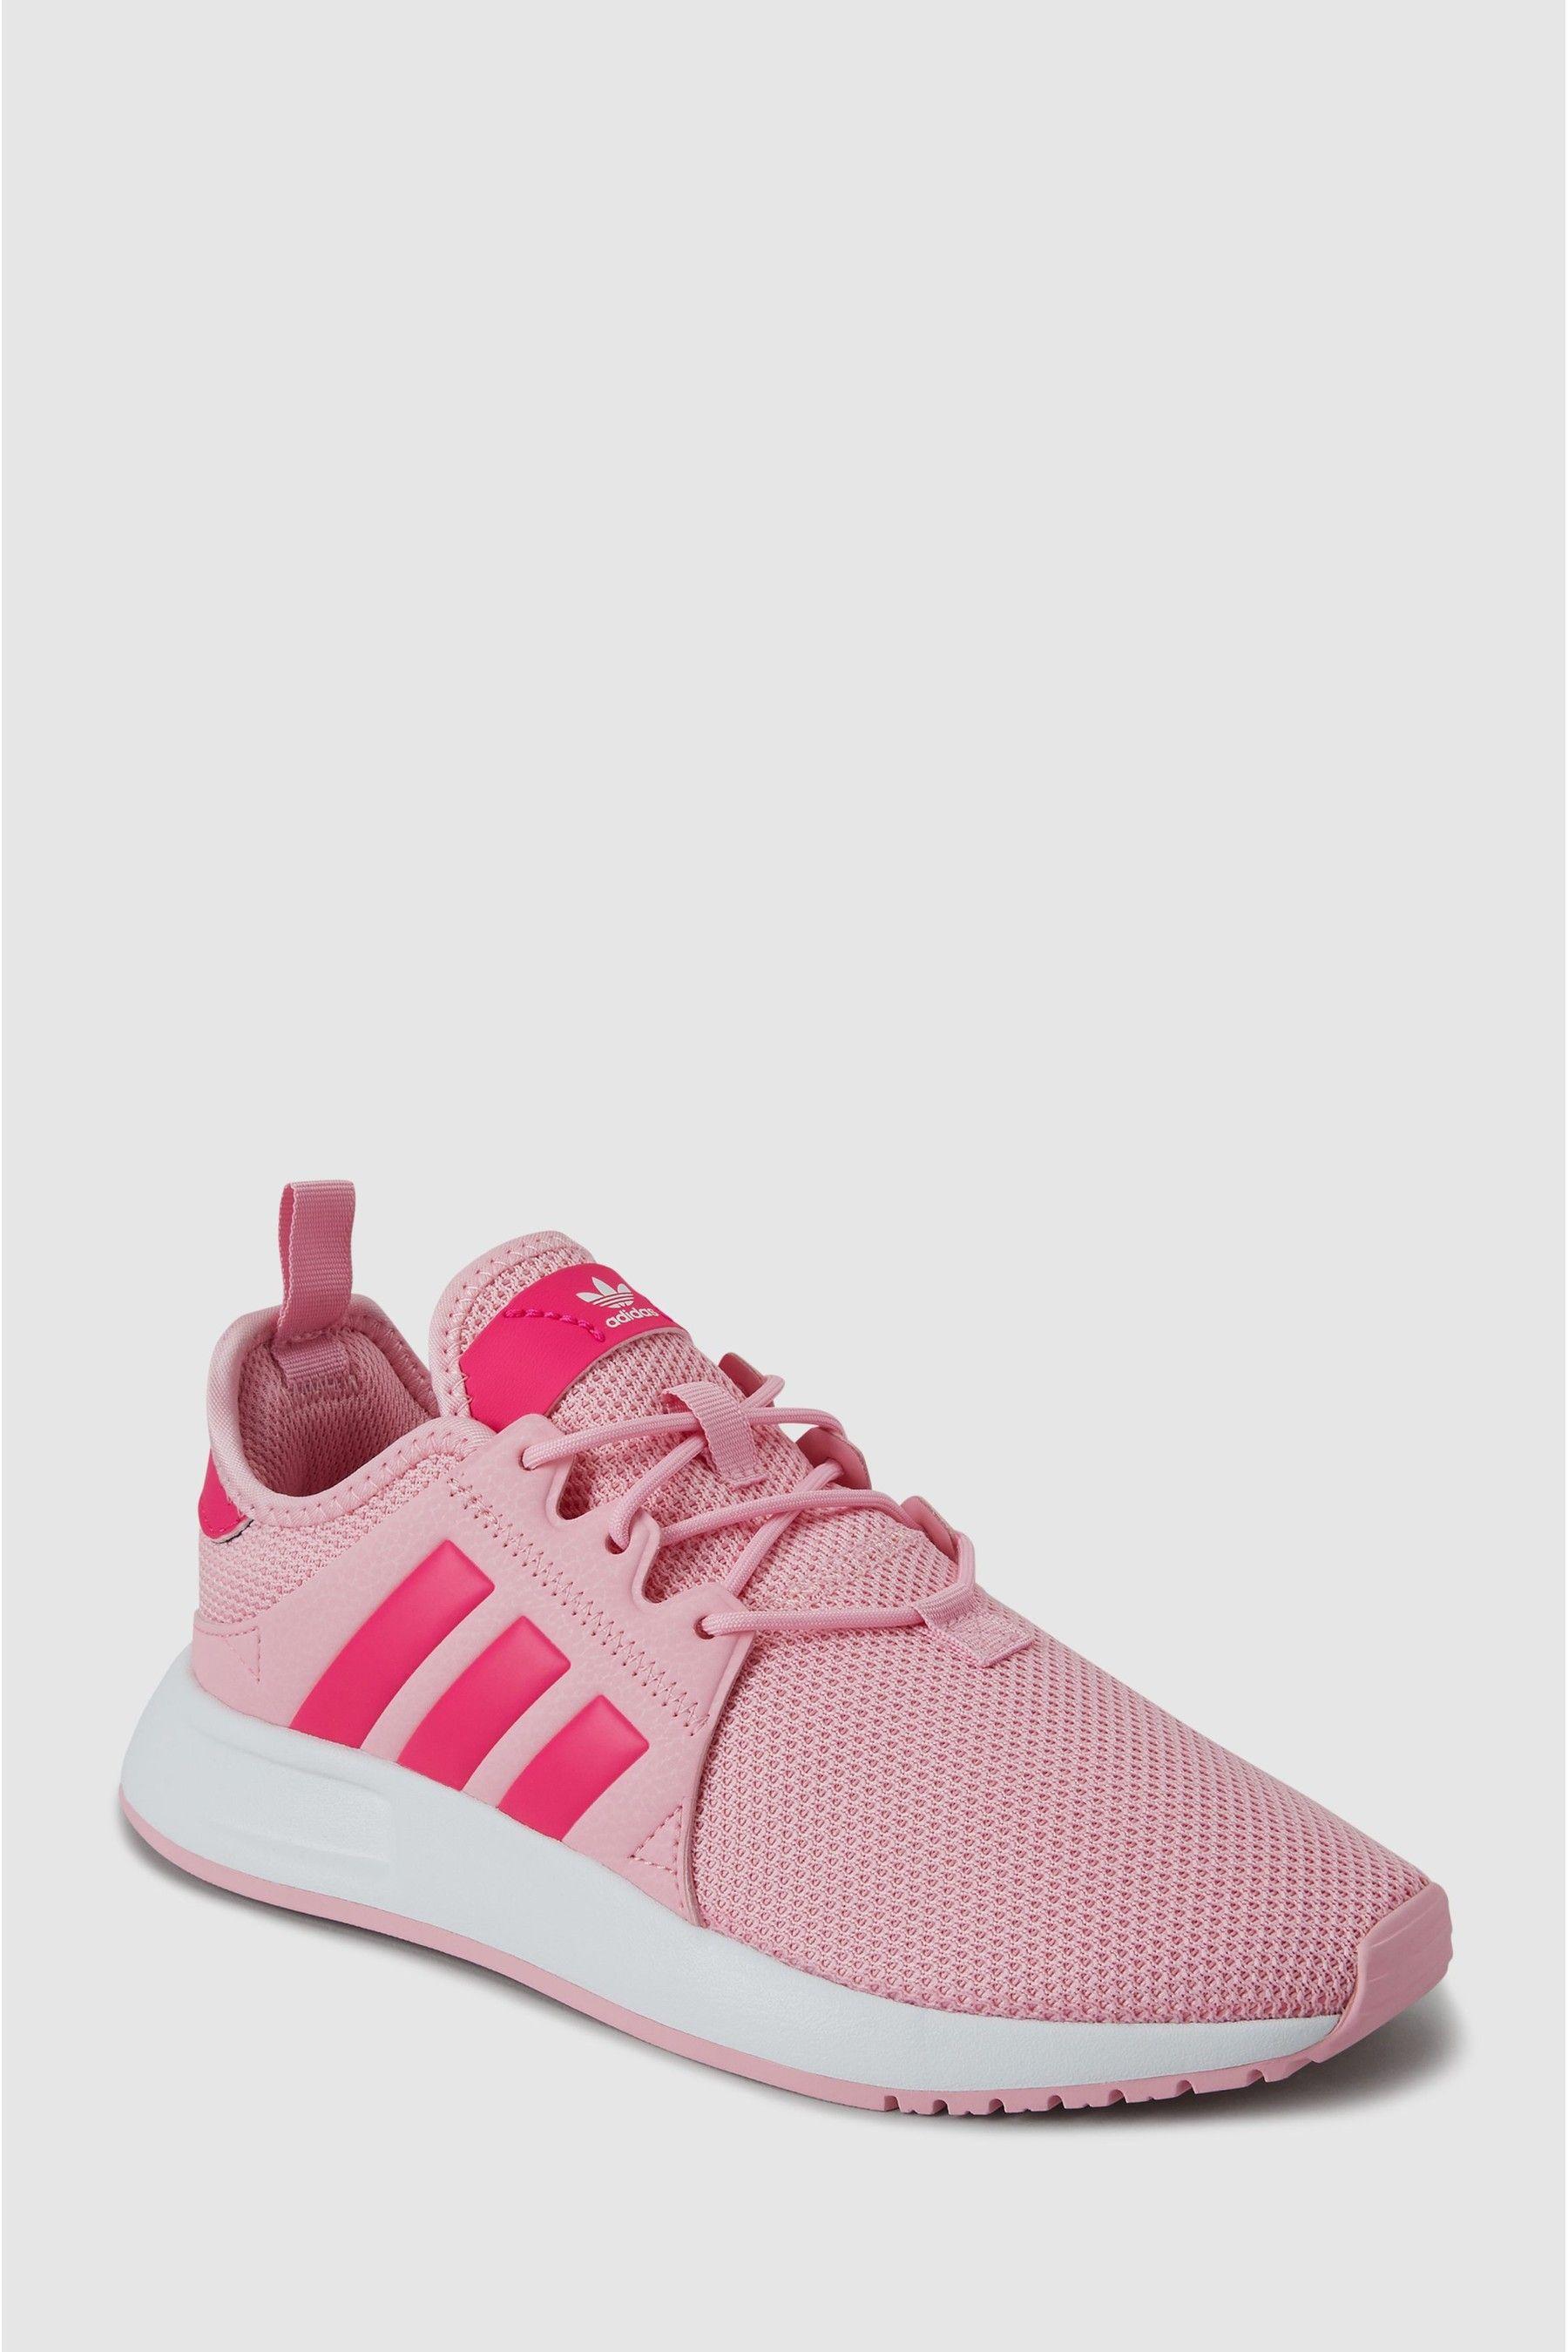 adidas X PLR EL I Sneakers True PinkShock Pink